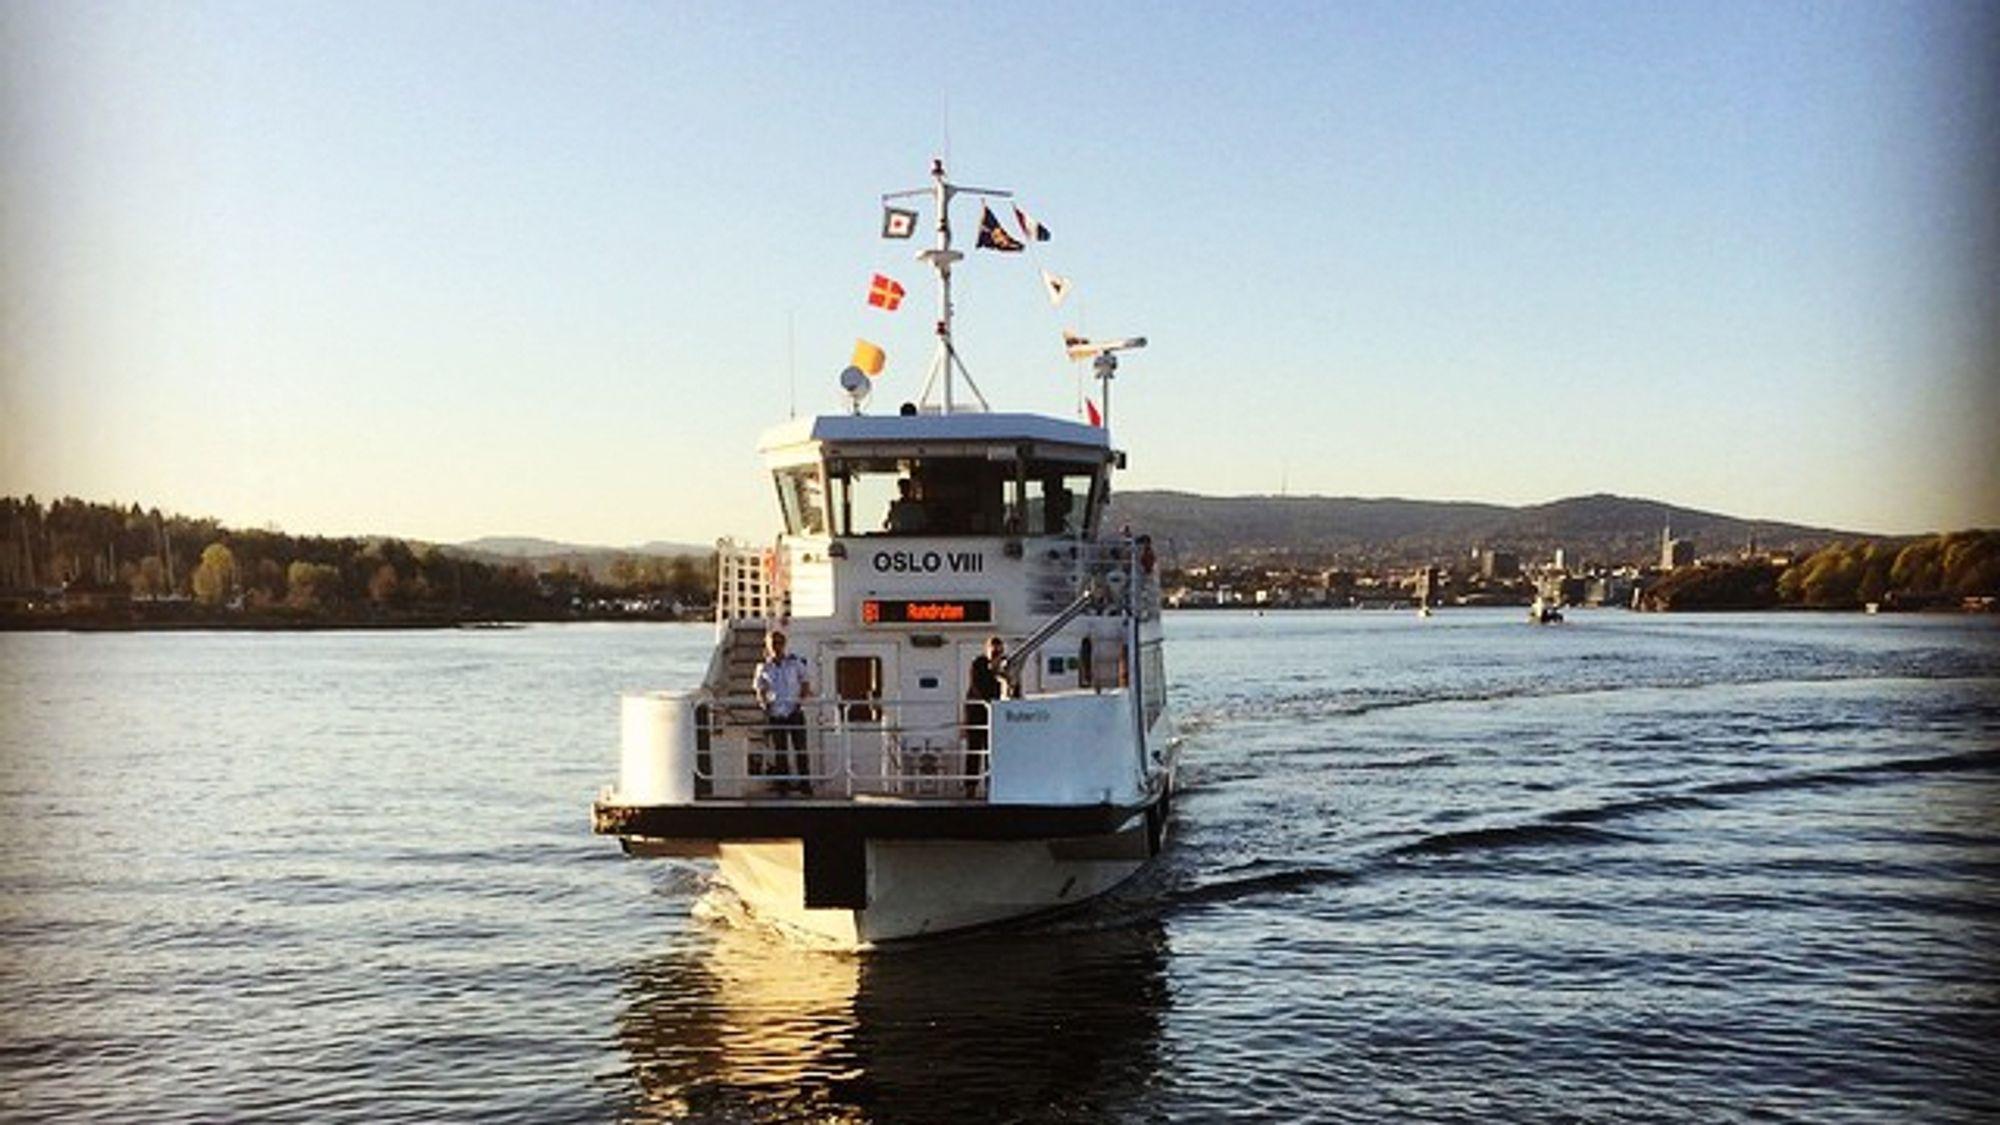 De små fergene som trafikkerer Oslo indre havn ble i 2017 lagt ut på anbud med krav om nullutslipp. Samlet går imidlertid ikke klimagassutslippene fra offentlige innkjøp ned.